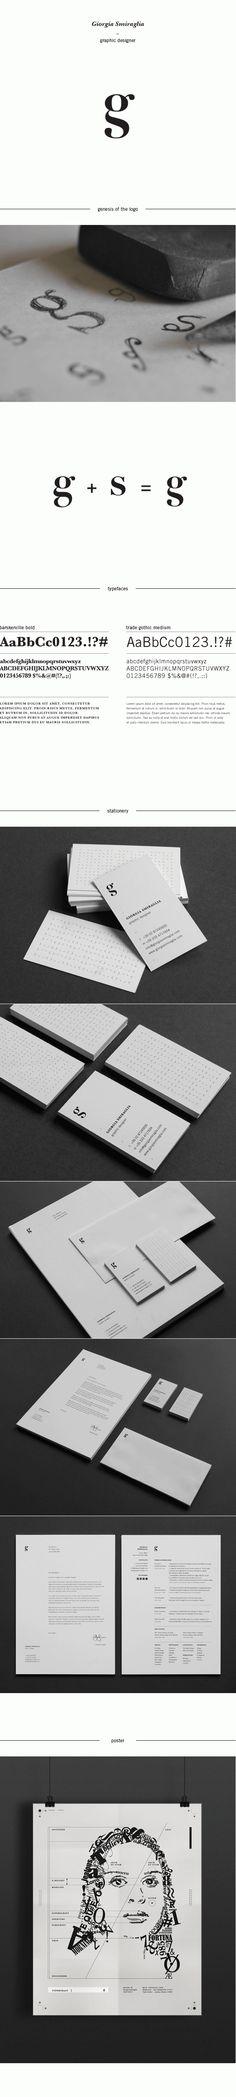 Giorgia Smiraglia - Graphic Designer by Giorgia Smiraglia, via Behance